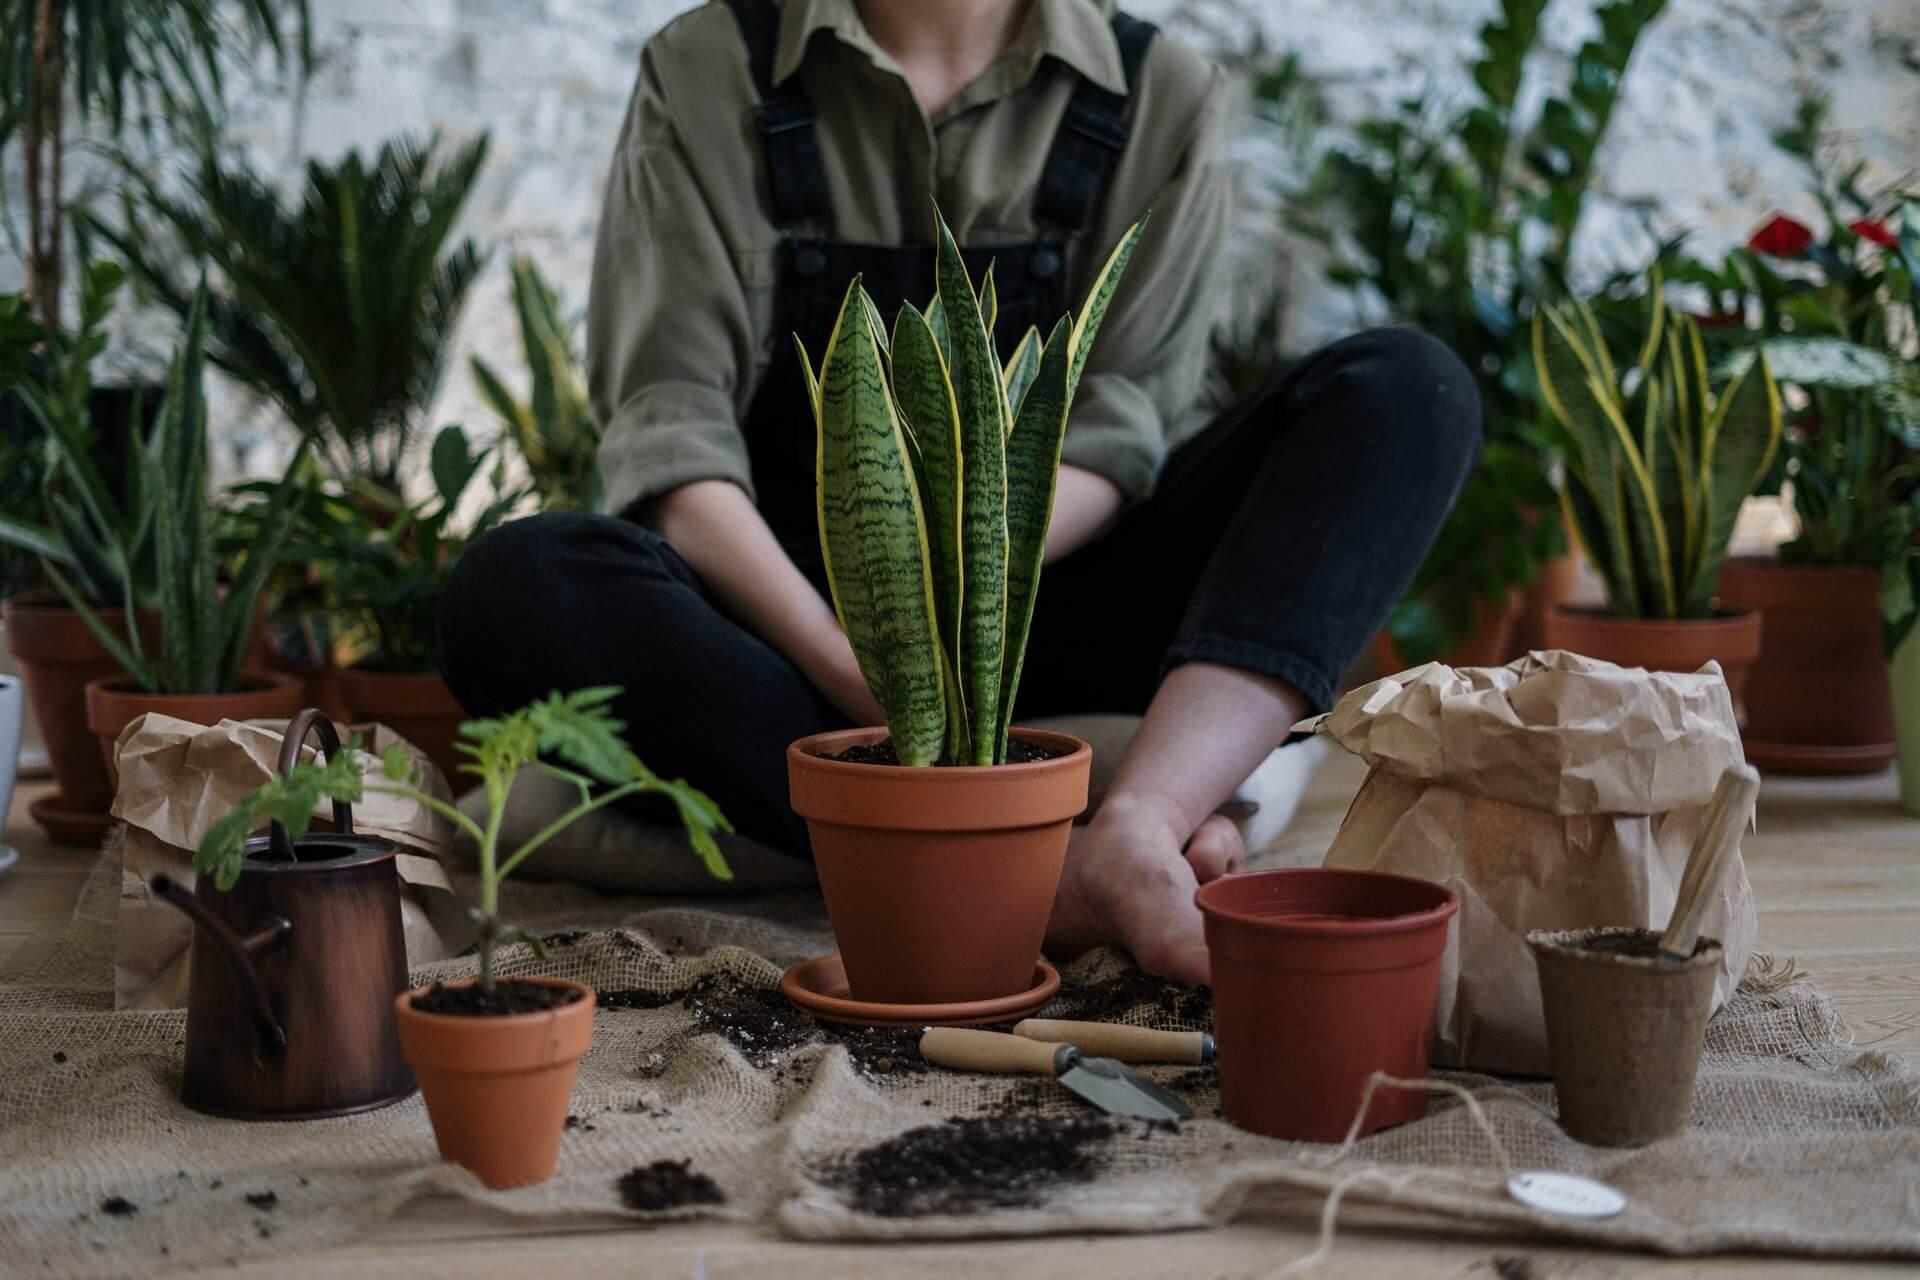 Tendencias en interiorismo impulsadas por el covid19, cultivo de hortalizas en casa. #AnaUtrillainteriorismoonline #Diseñohogaresconencanto